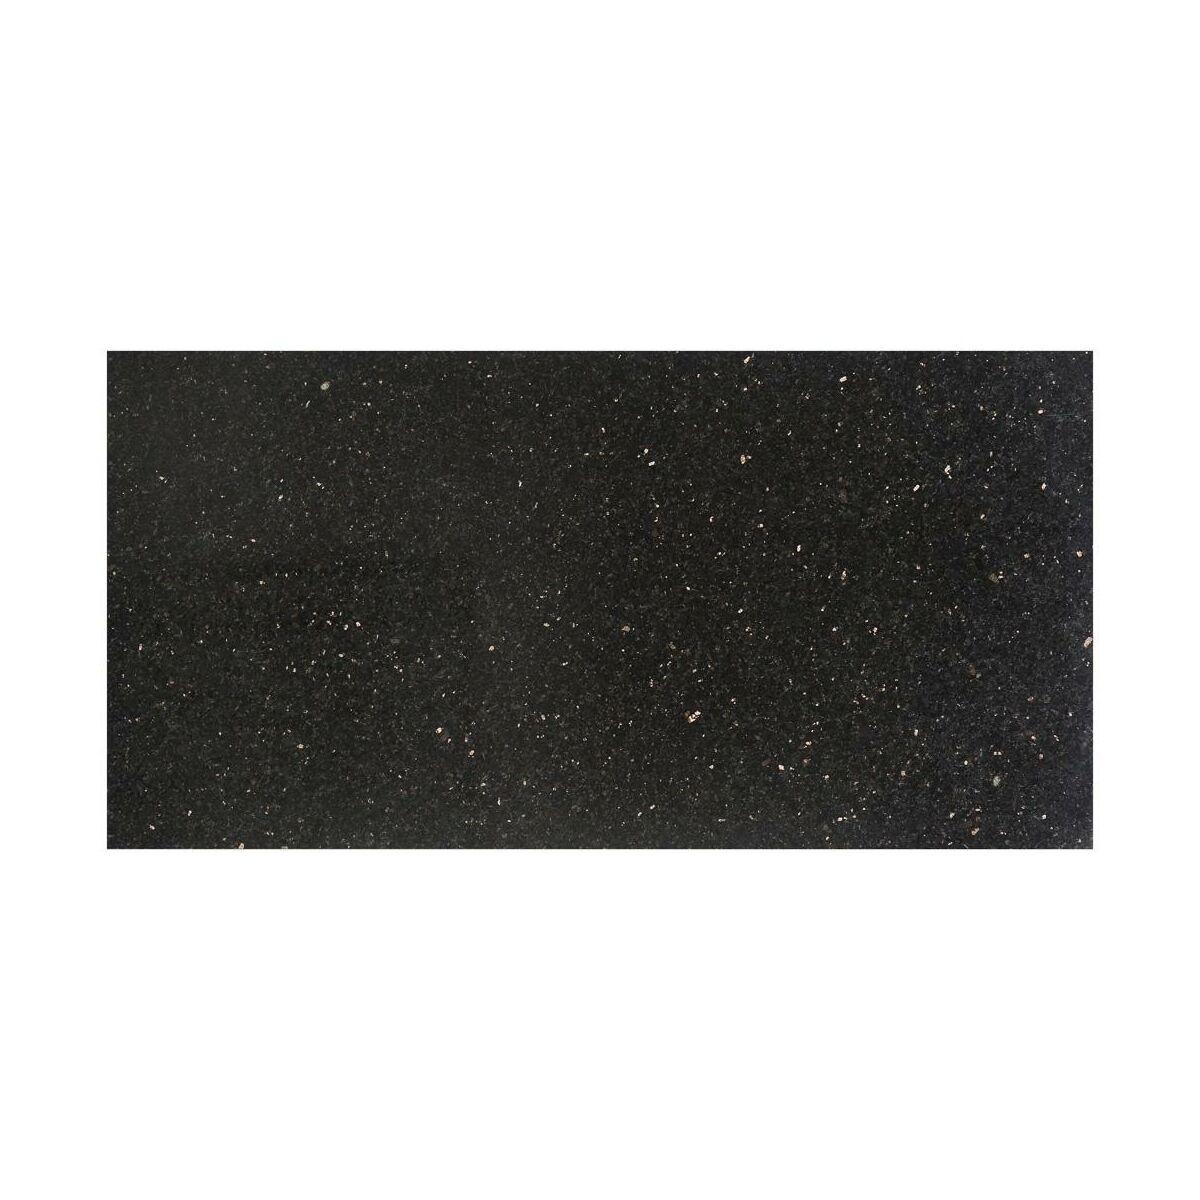 Plyta Granitowa Black Galaxy 30 5 X 61 Cm Marmara Granit W Atrakcyjnej Cenie W Sklepach Leroy Merlin